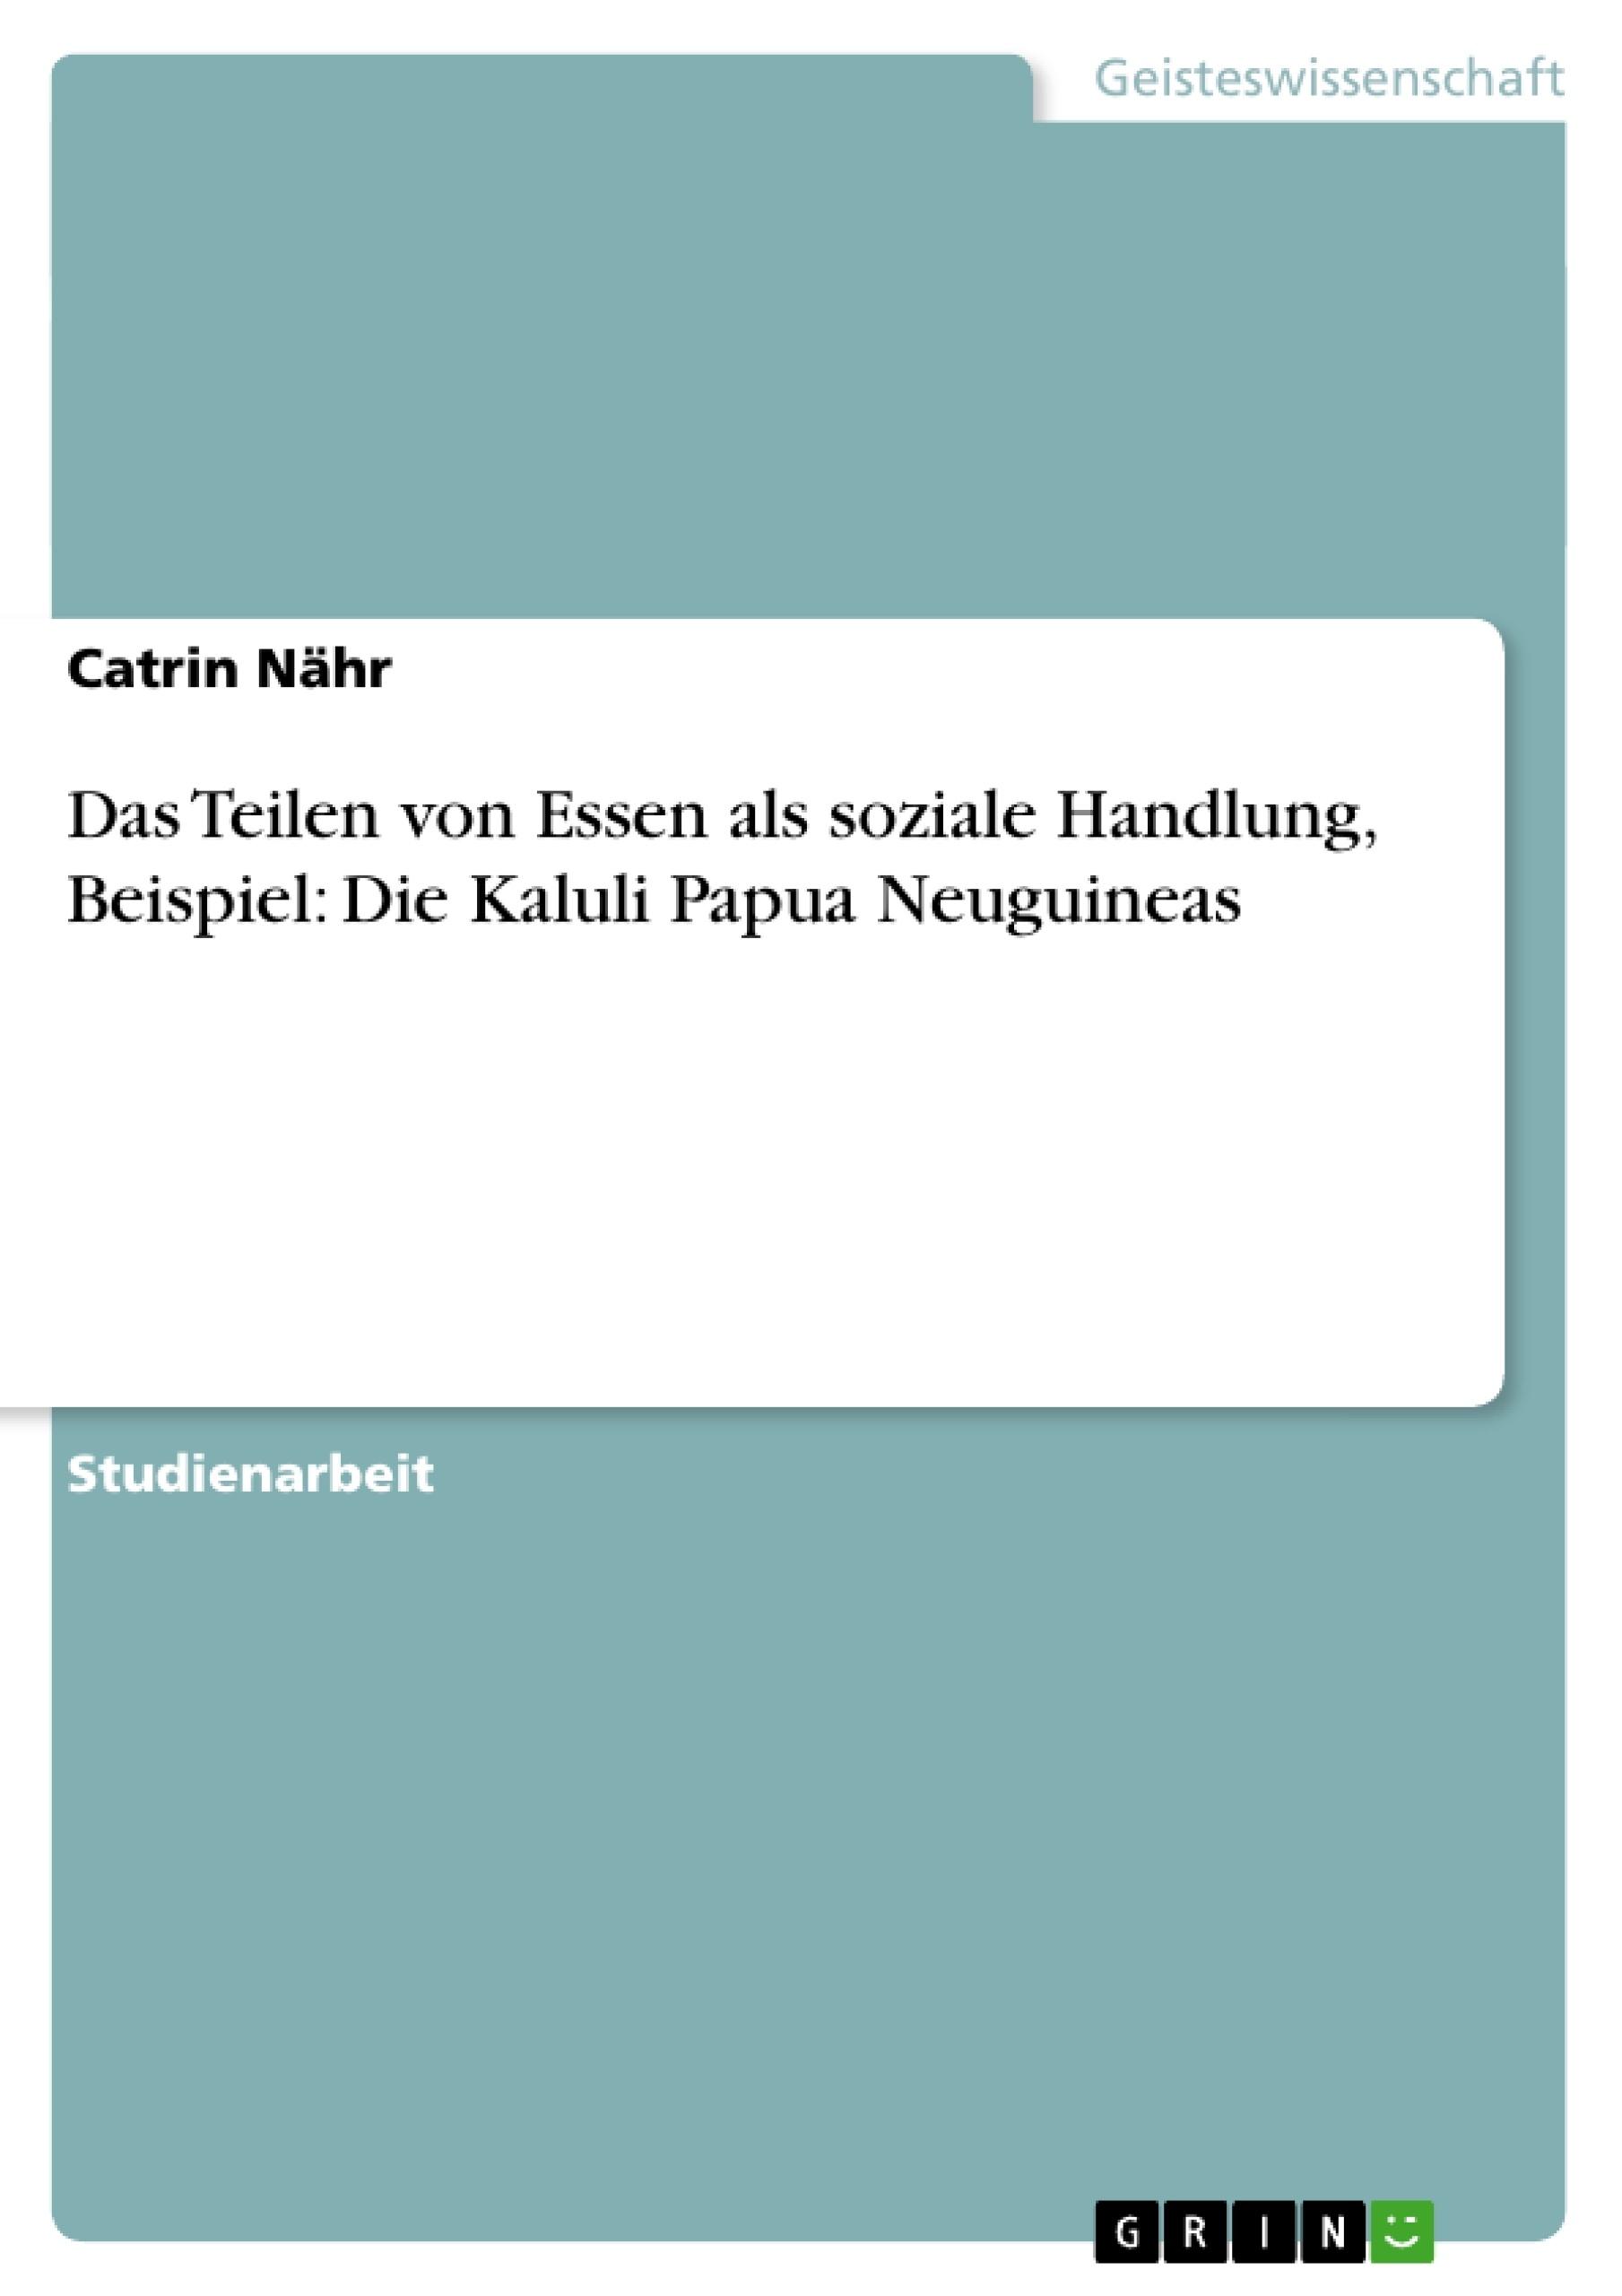 Titel: Das Teilen von Essen als soziale Handlung, Beispiel: Die Kaluli Papua Neuguineas